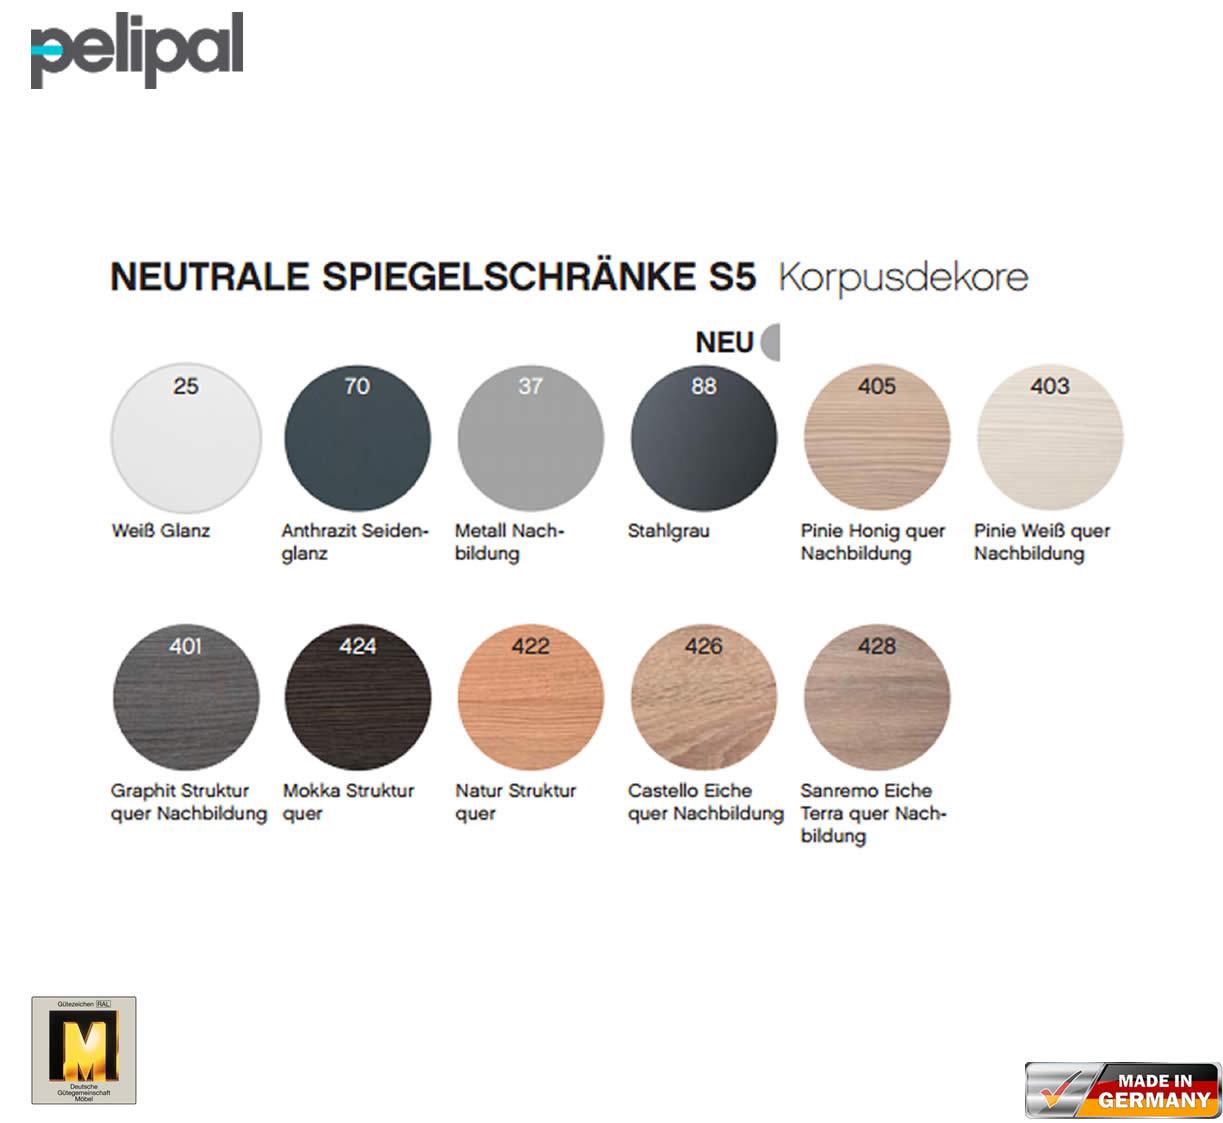 pelipal neutraler spiegelschrank s5 150 cm mit 2 led aufbauleuchten impulsbad. Black Bedroom Furniture Sets. Home Design Ideas